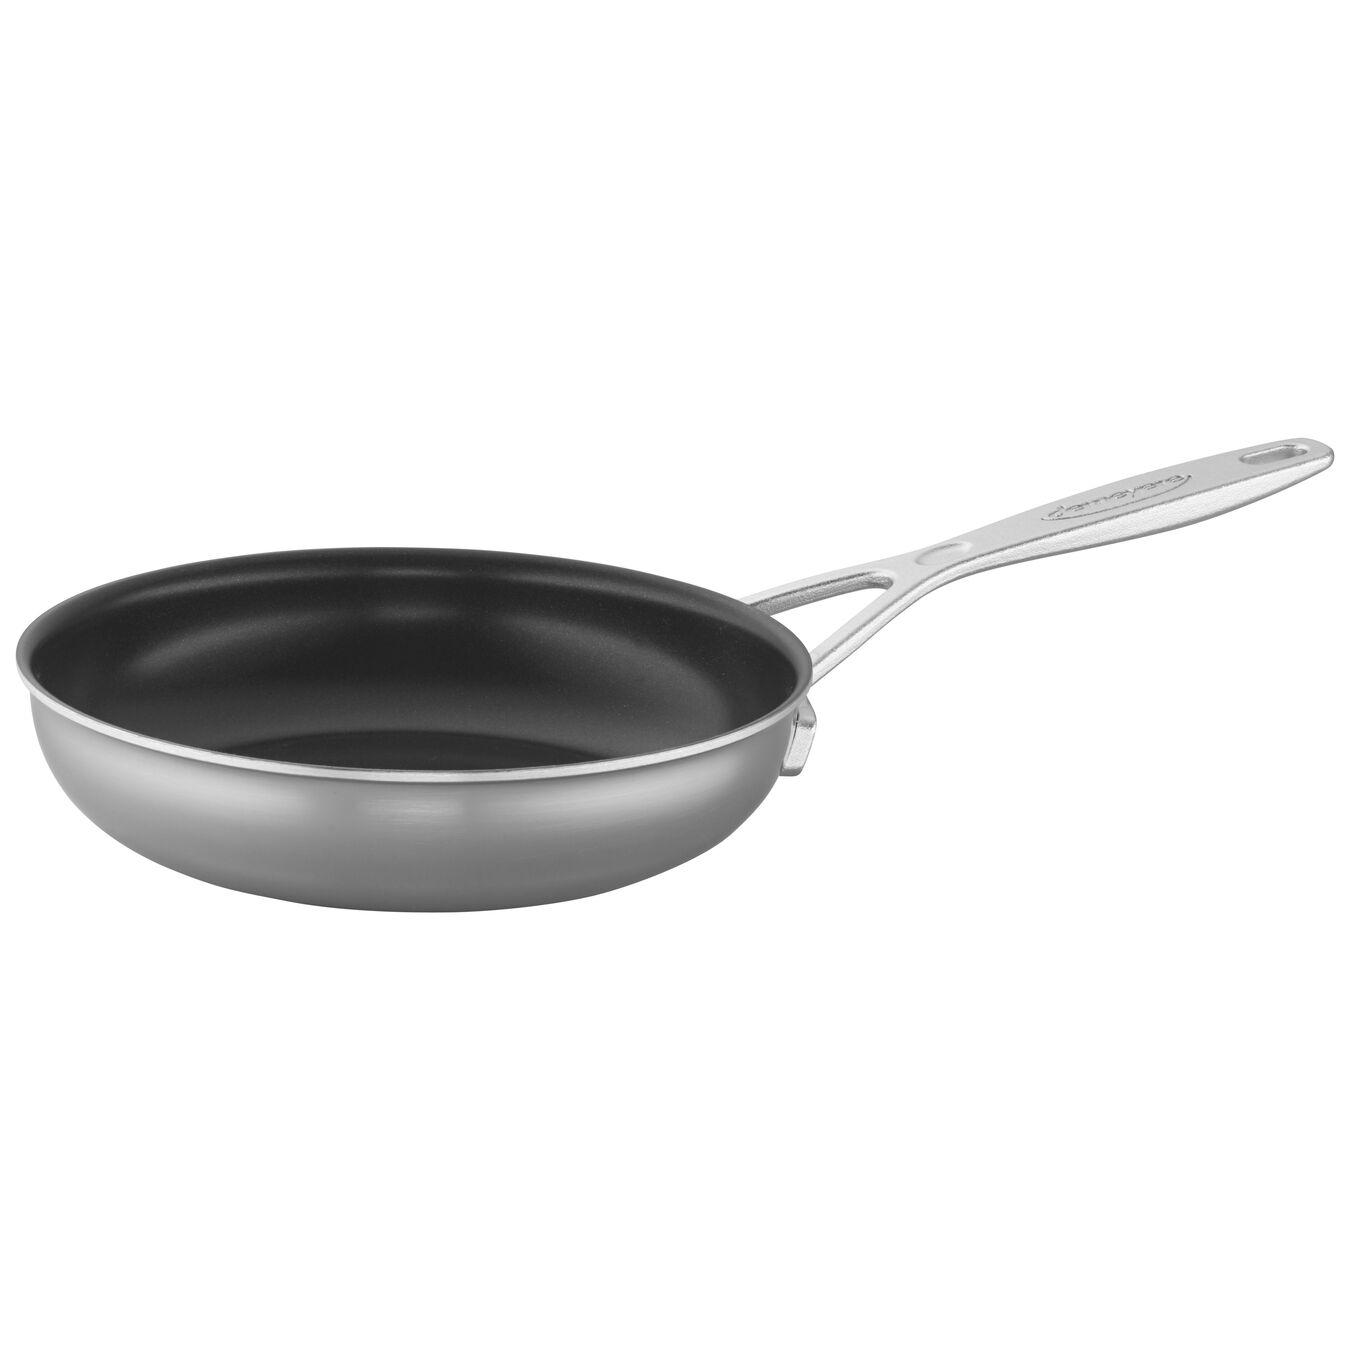 Poêle 20 cm, Inox 18/10, Silver-Black,,large 3